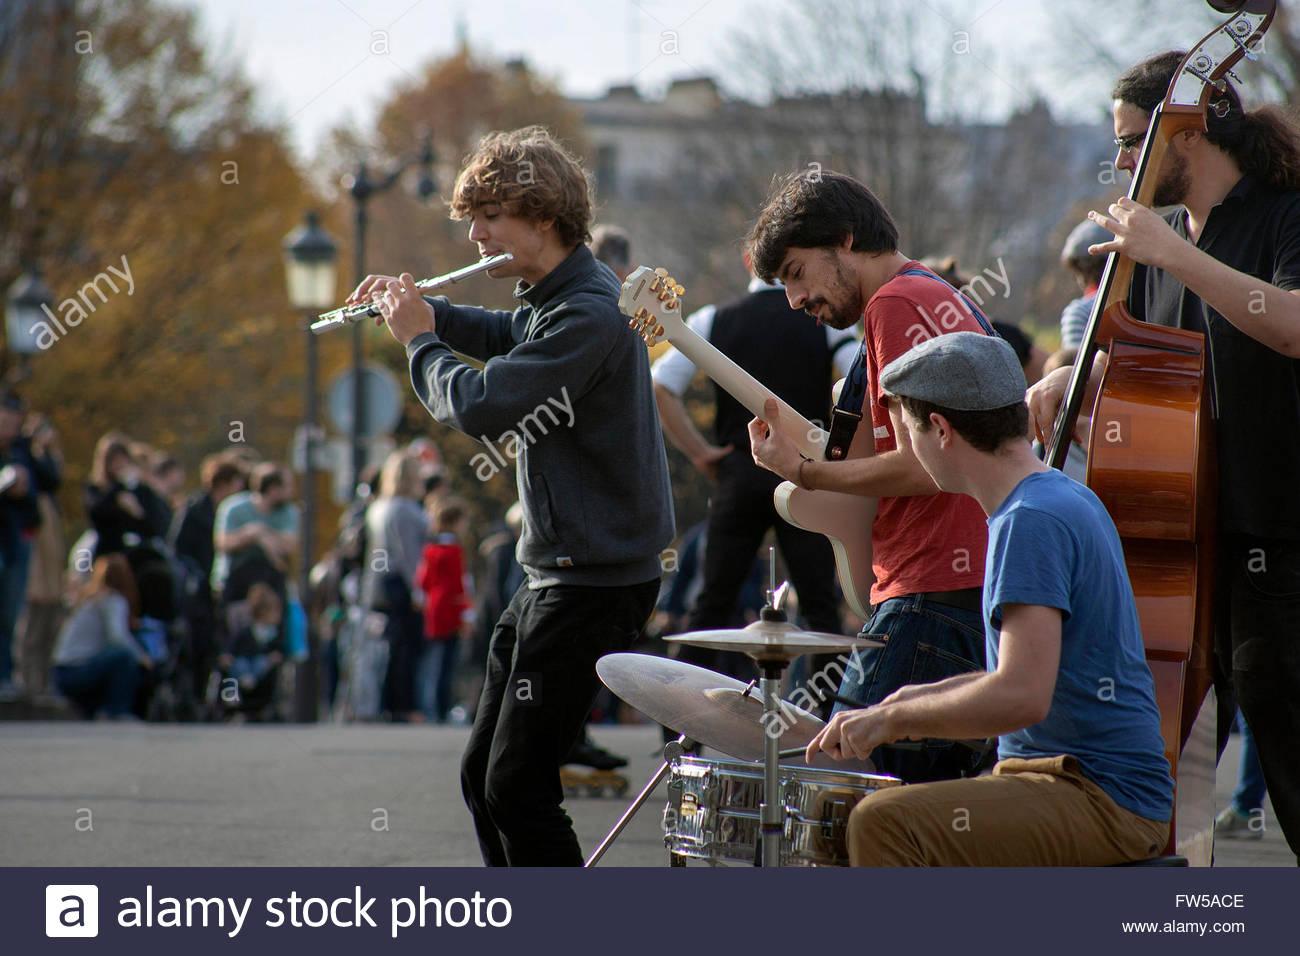 Musicicans on Pont Saint Louis, Paris - Stock Image